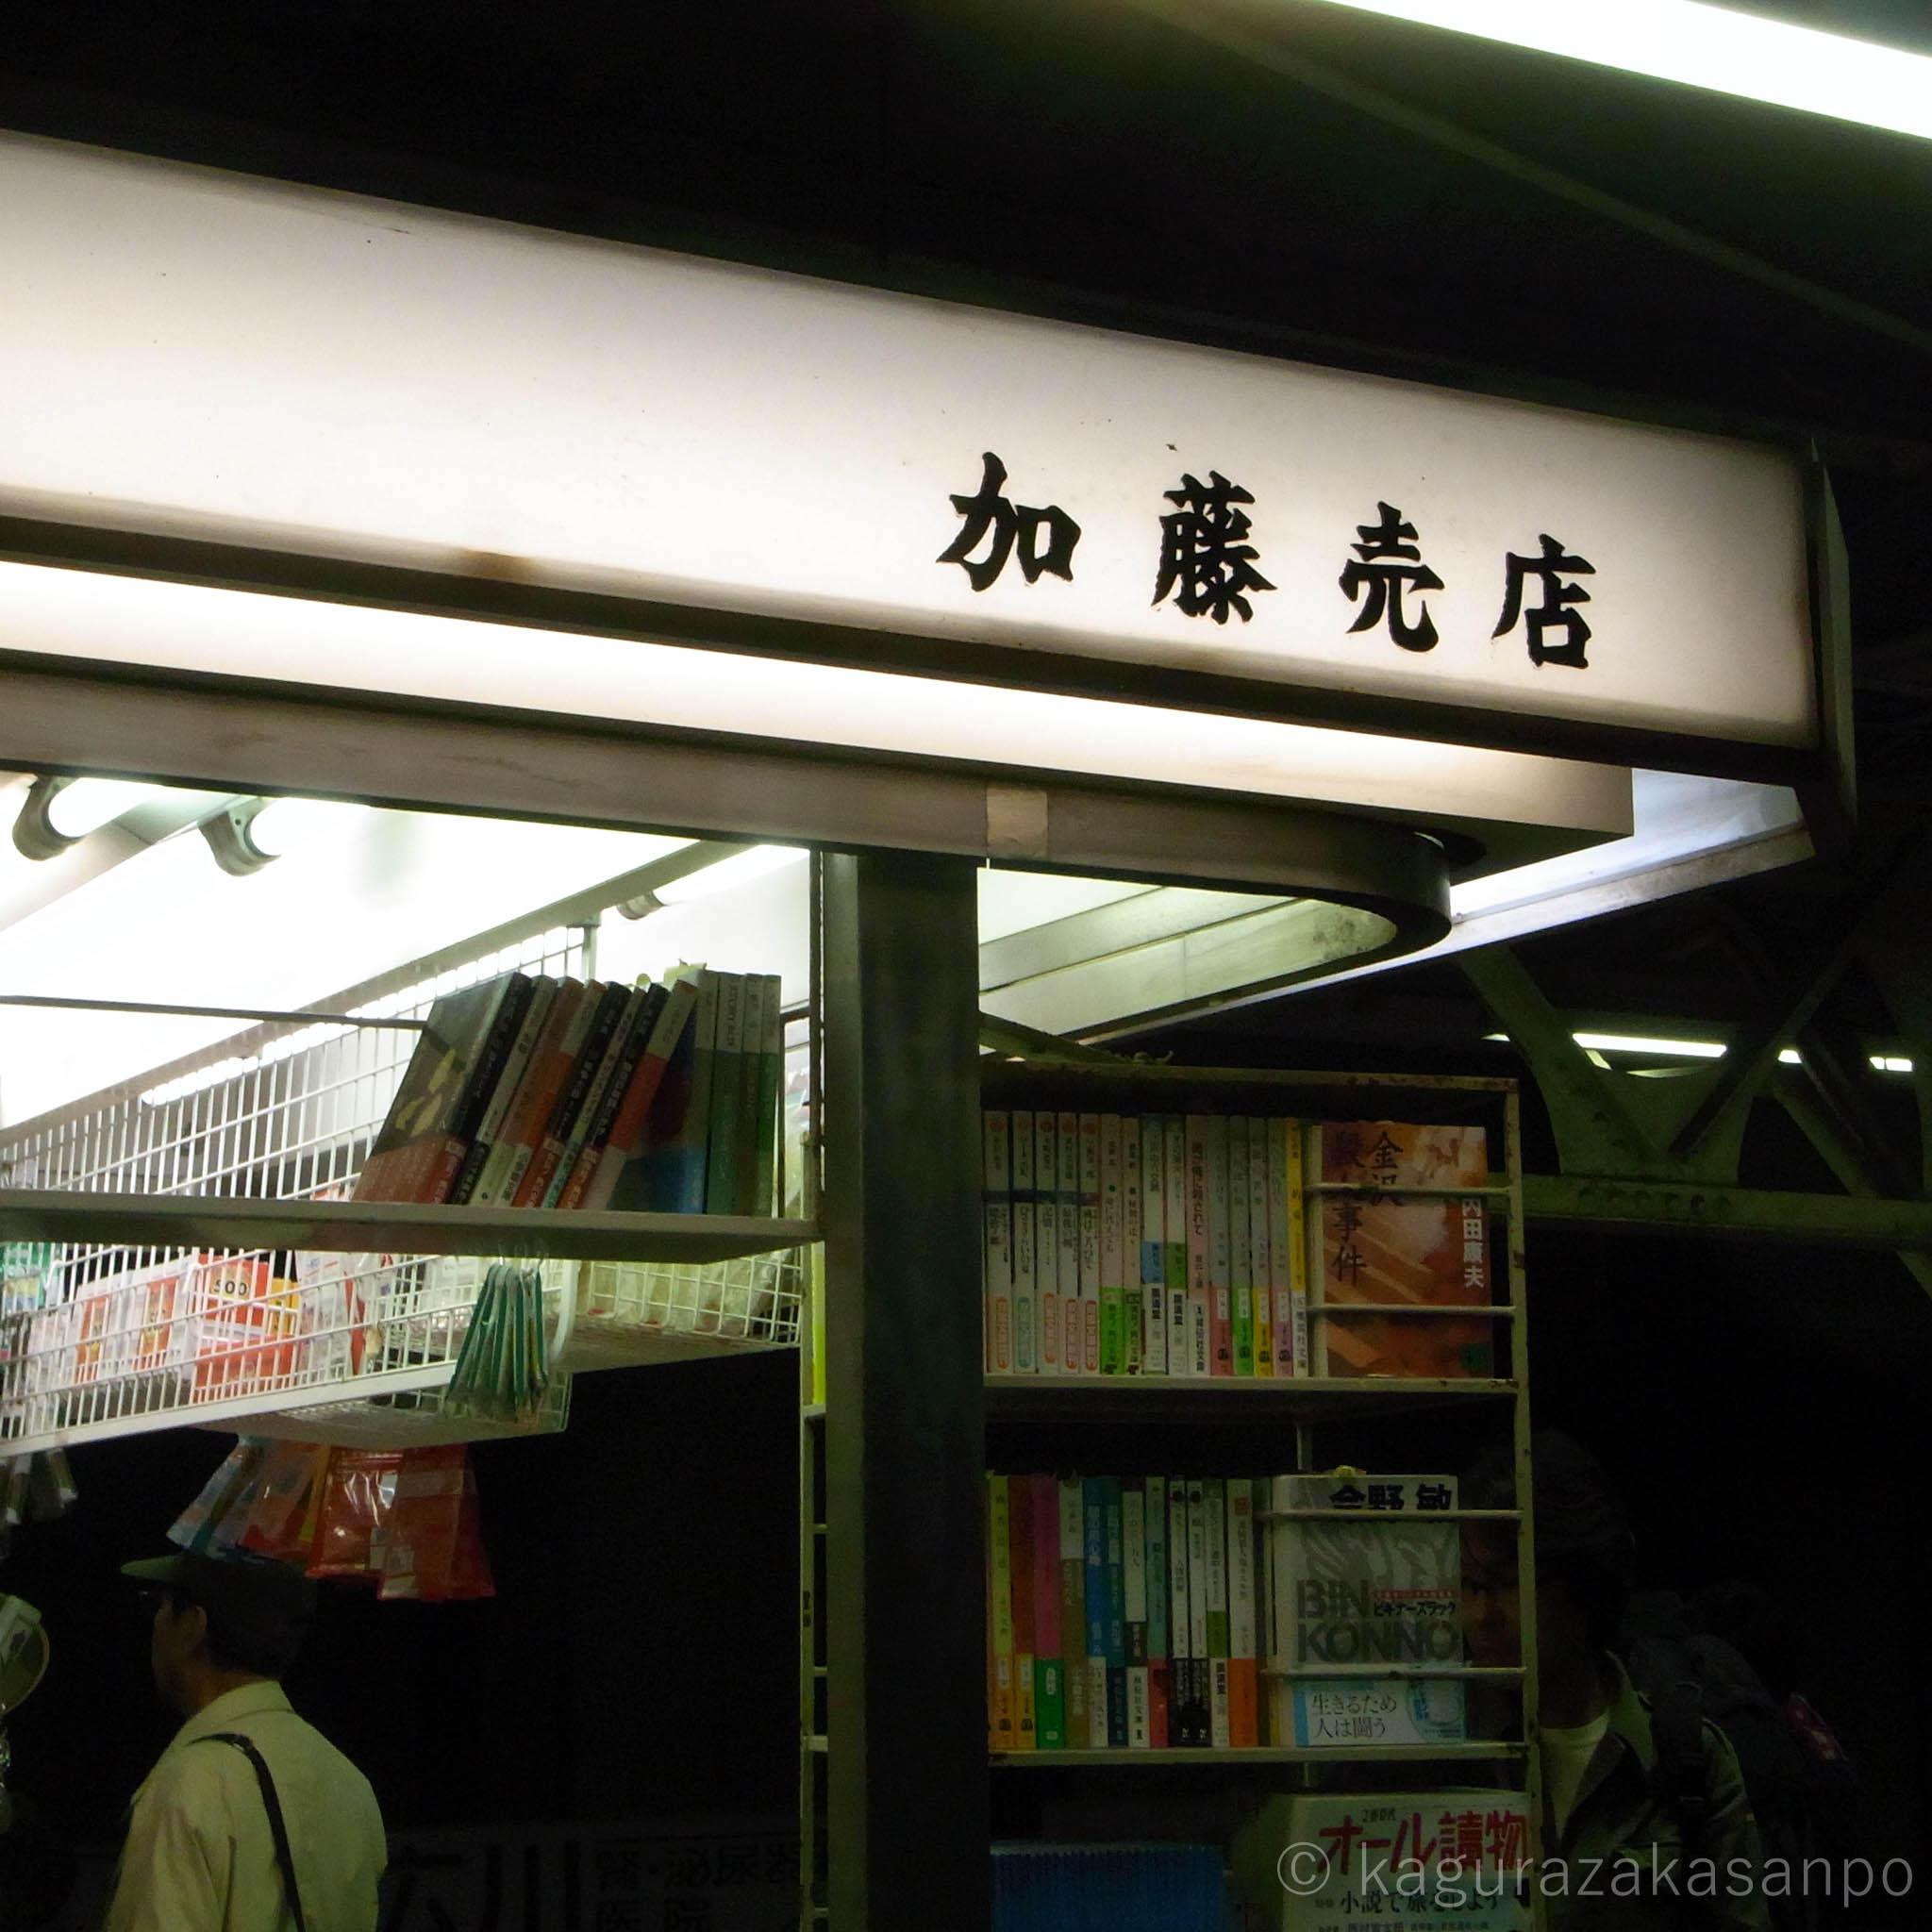 鎌倉駅構内